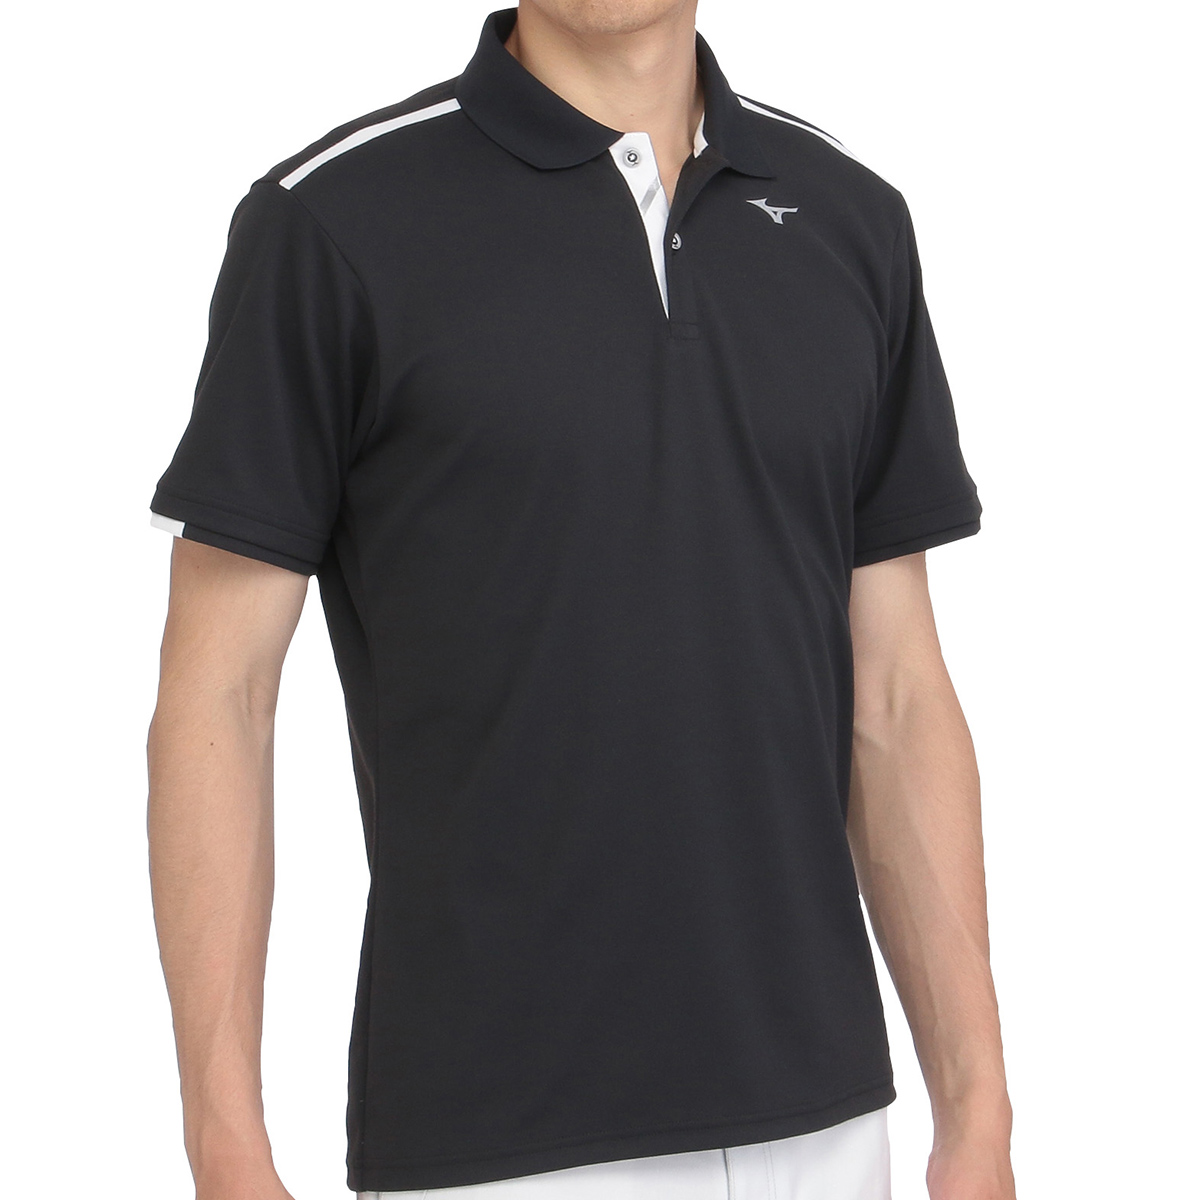 ソーラーカット半袖ポロシャツ